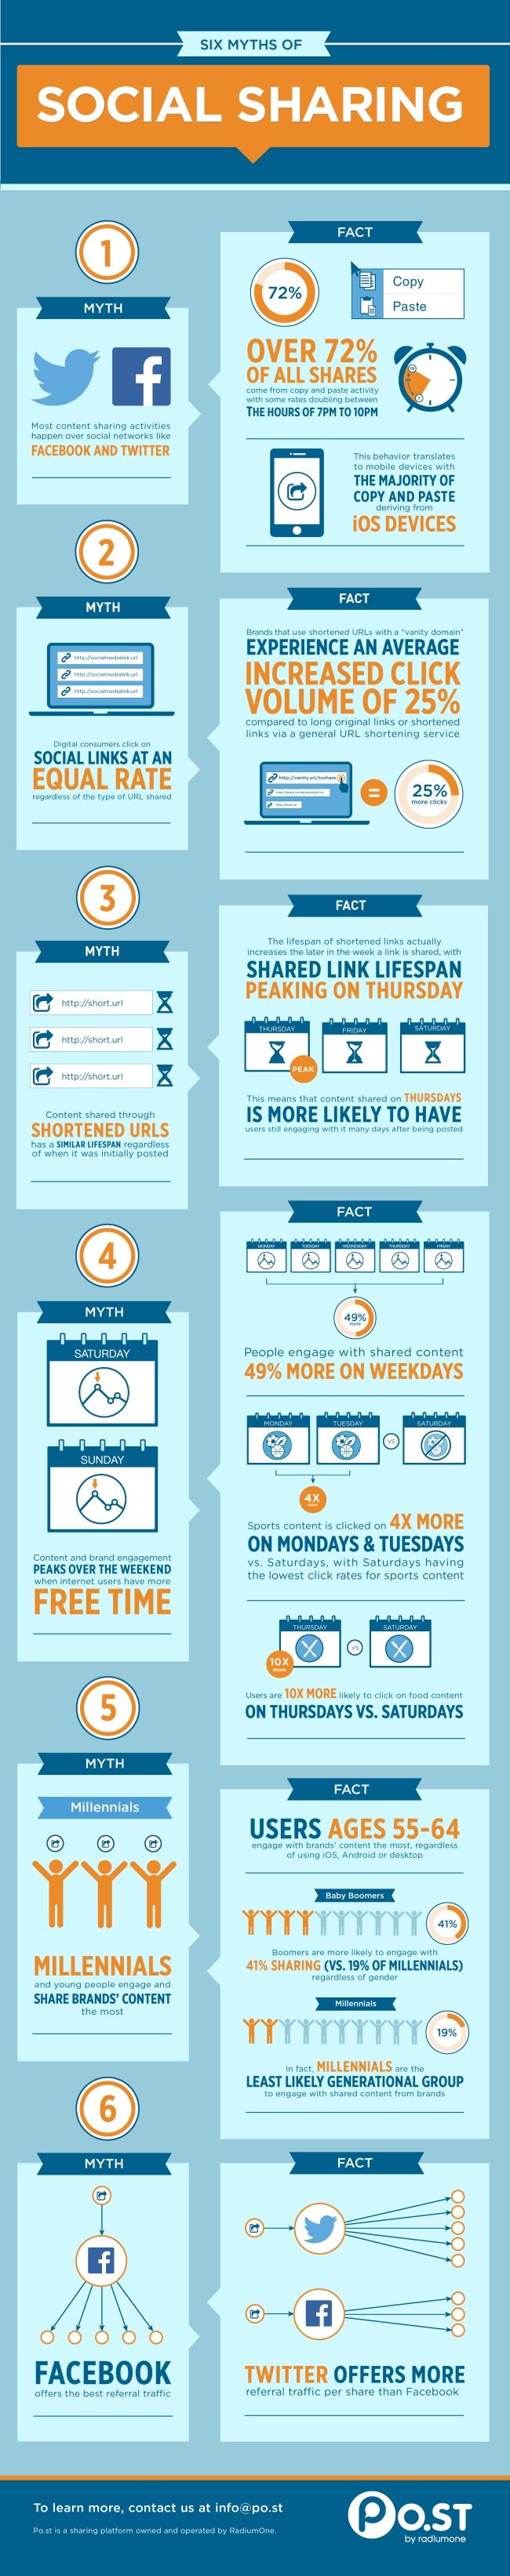 6 entzauberte Social Media Mythen